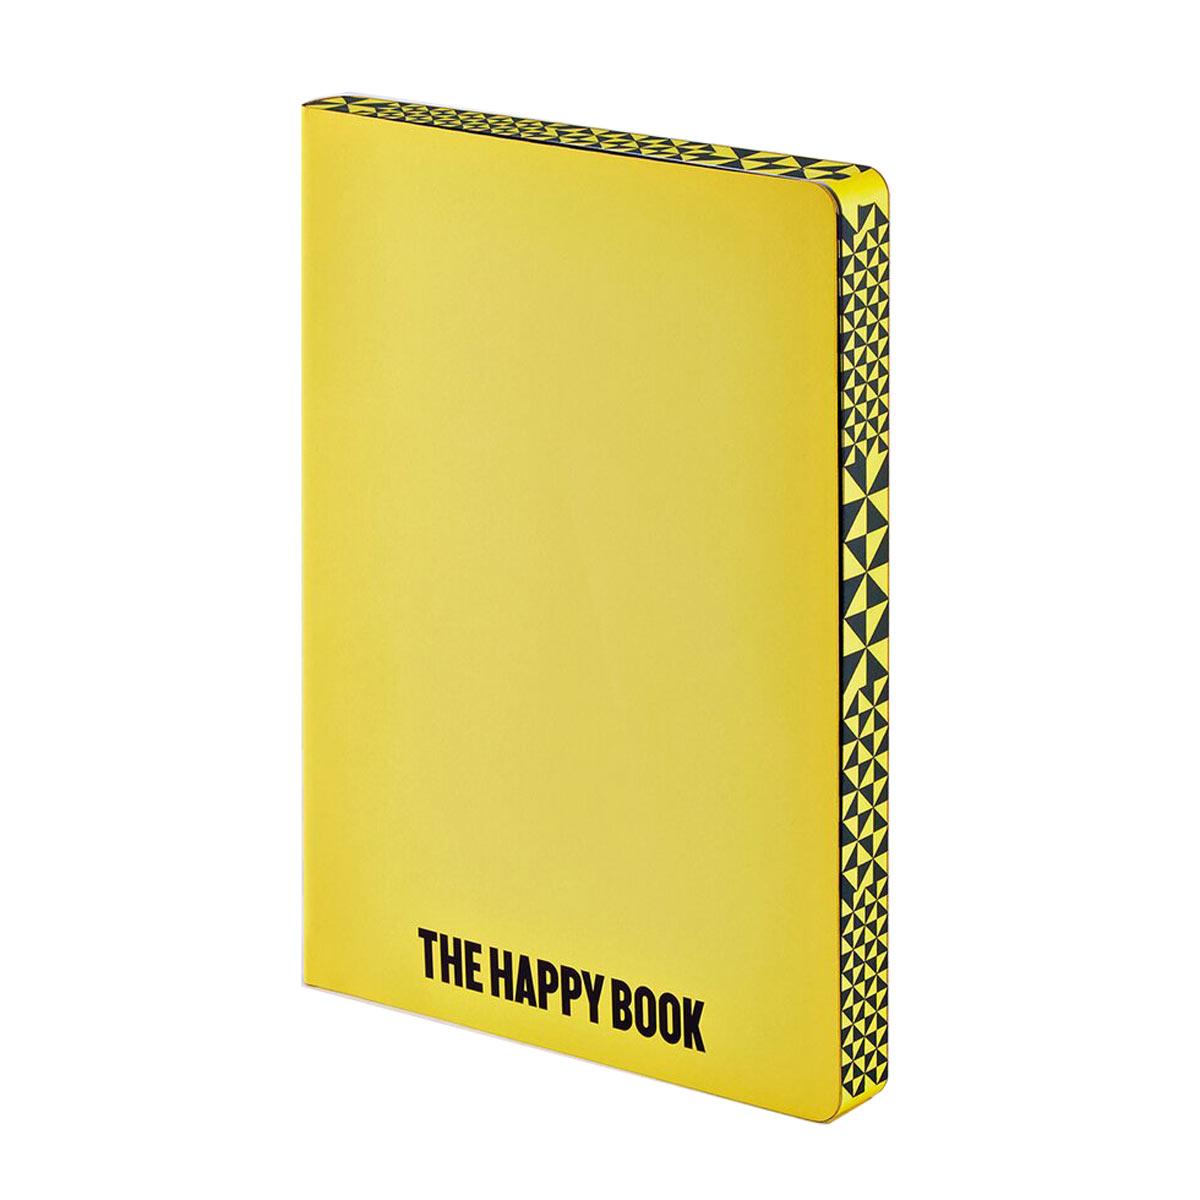 Nuuna | Cuaderno The Happy Book L | Malla de puntos | Bullet Journal